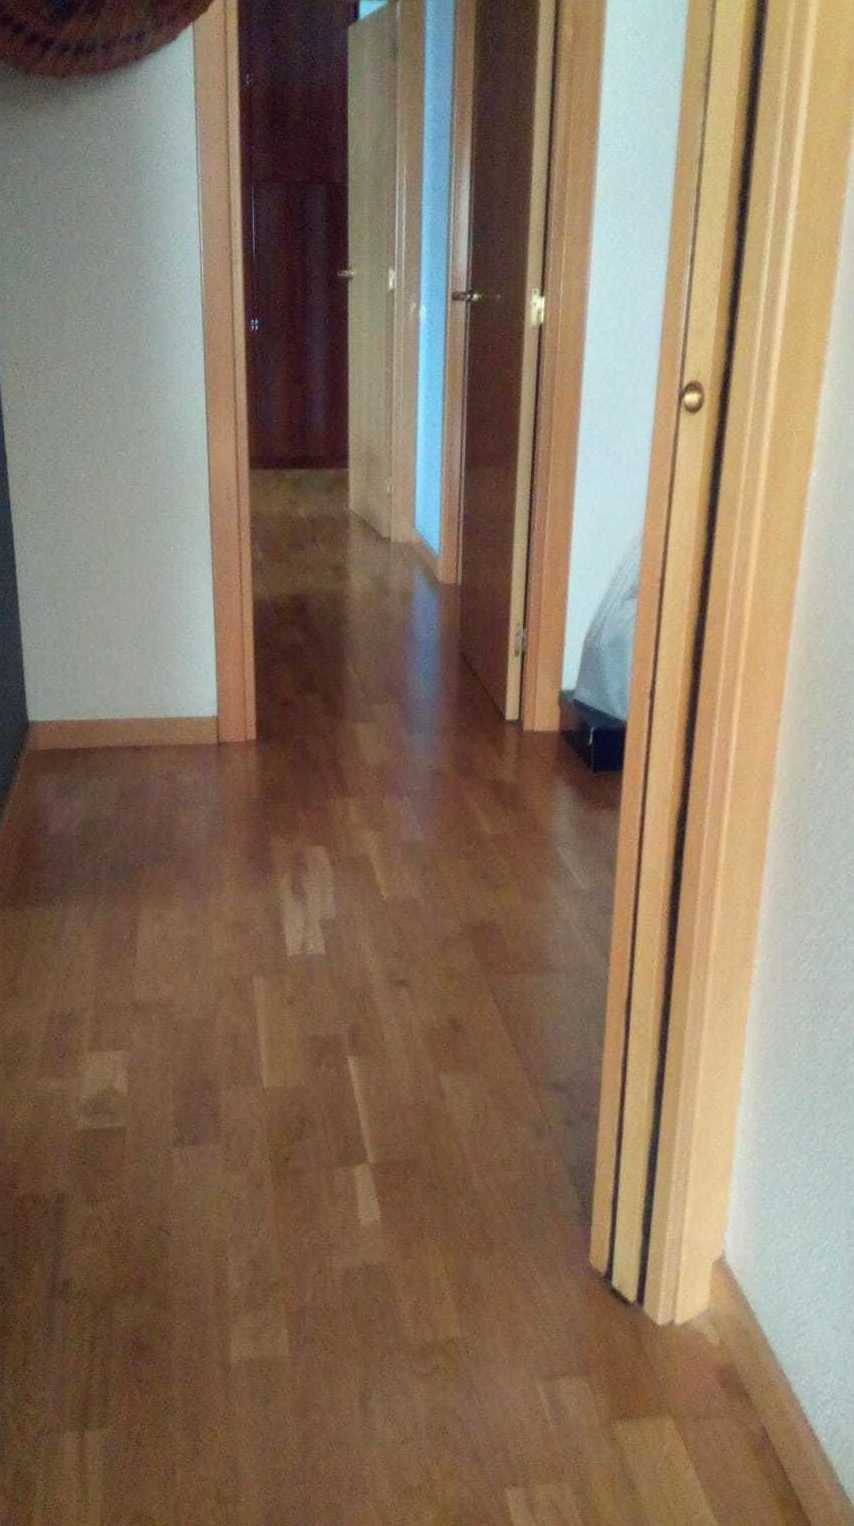 Limpieza en domicilios: Servicios de Limpieza Victocleaning